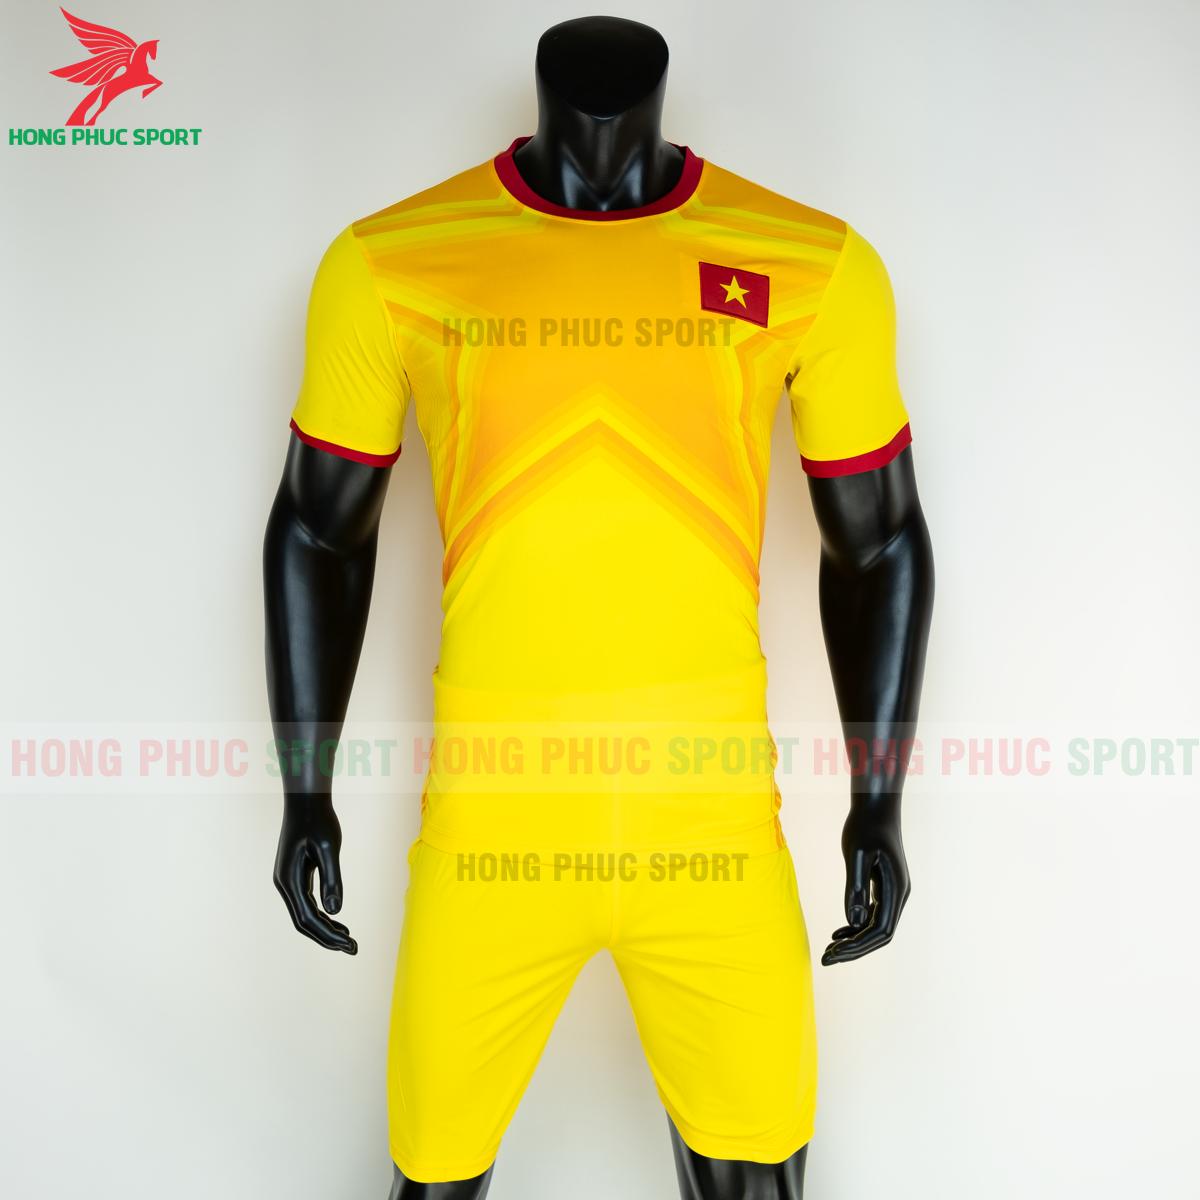 https://cdn.hongphucsport.com/unsafe/s4.shopbay.vn/files/285/ao-bong-da-thu-mon-viet-nam-2021-san-khach-2-6050395febb2b.png